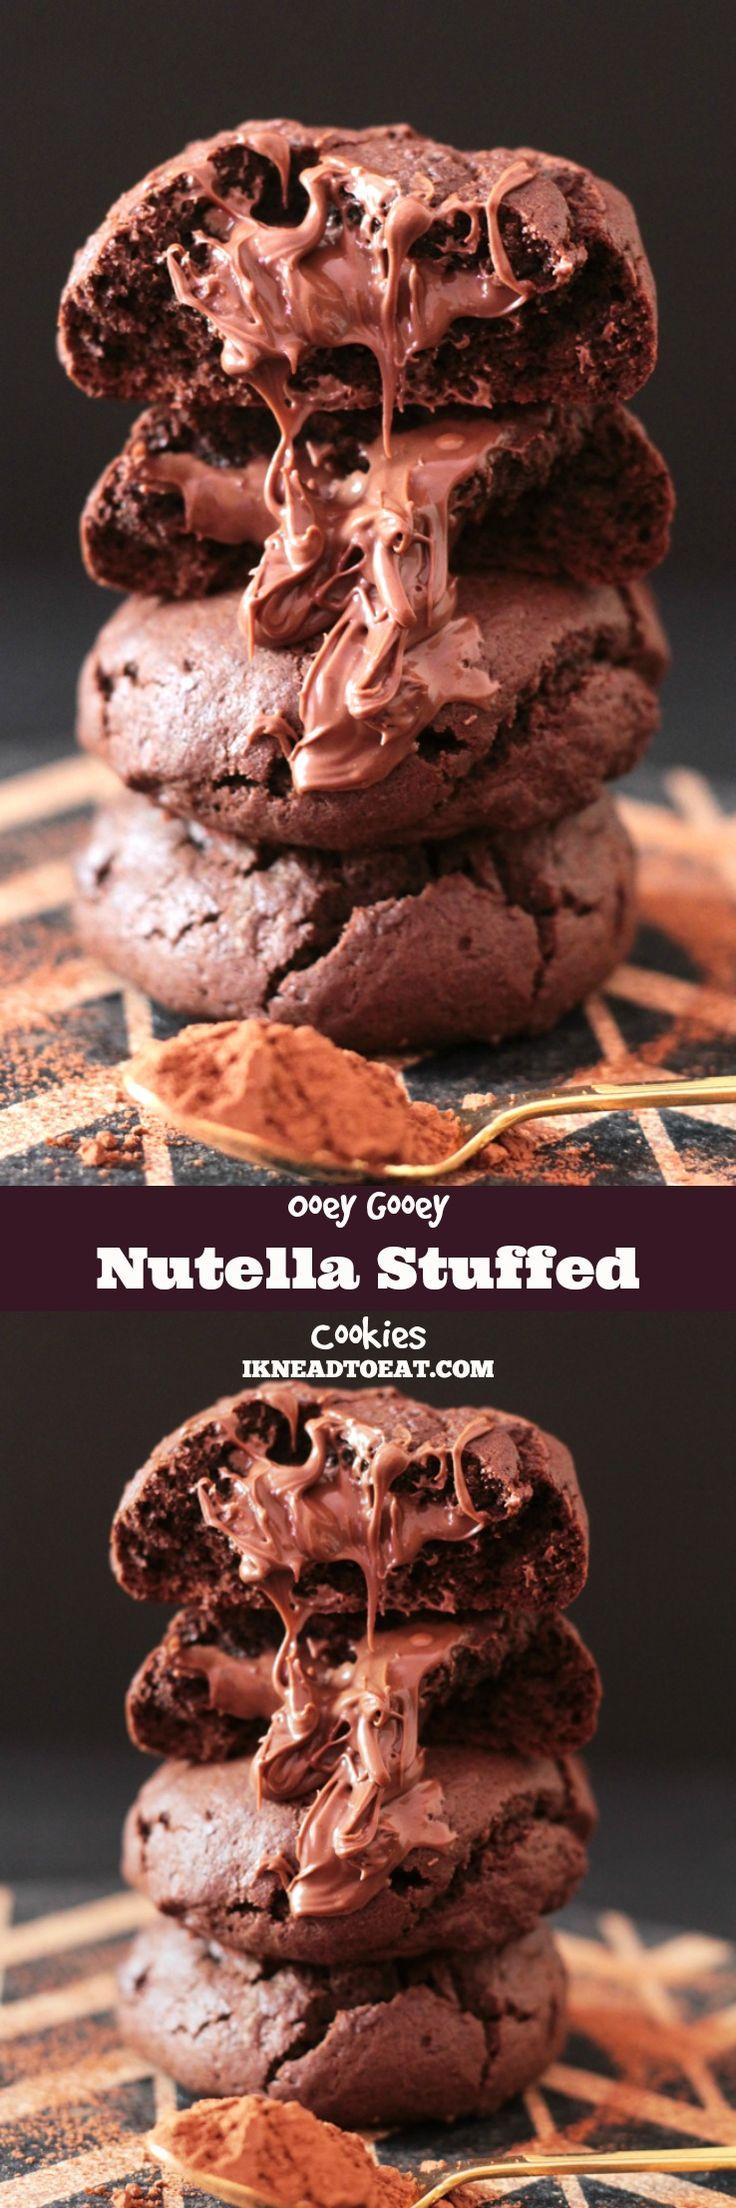 Ooey Gooey Nutella Stuffed Cookies (vertical pin)